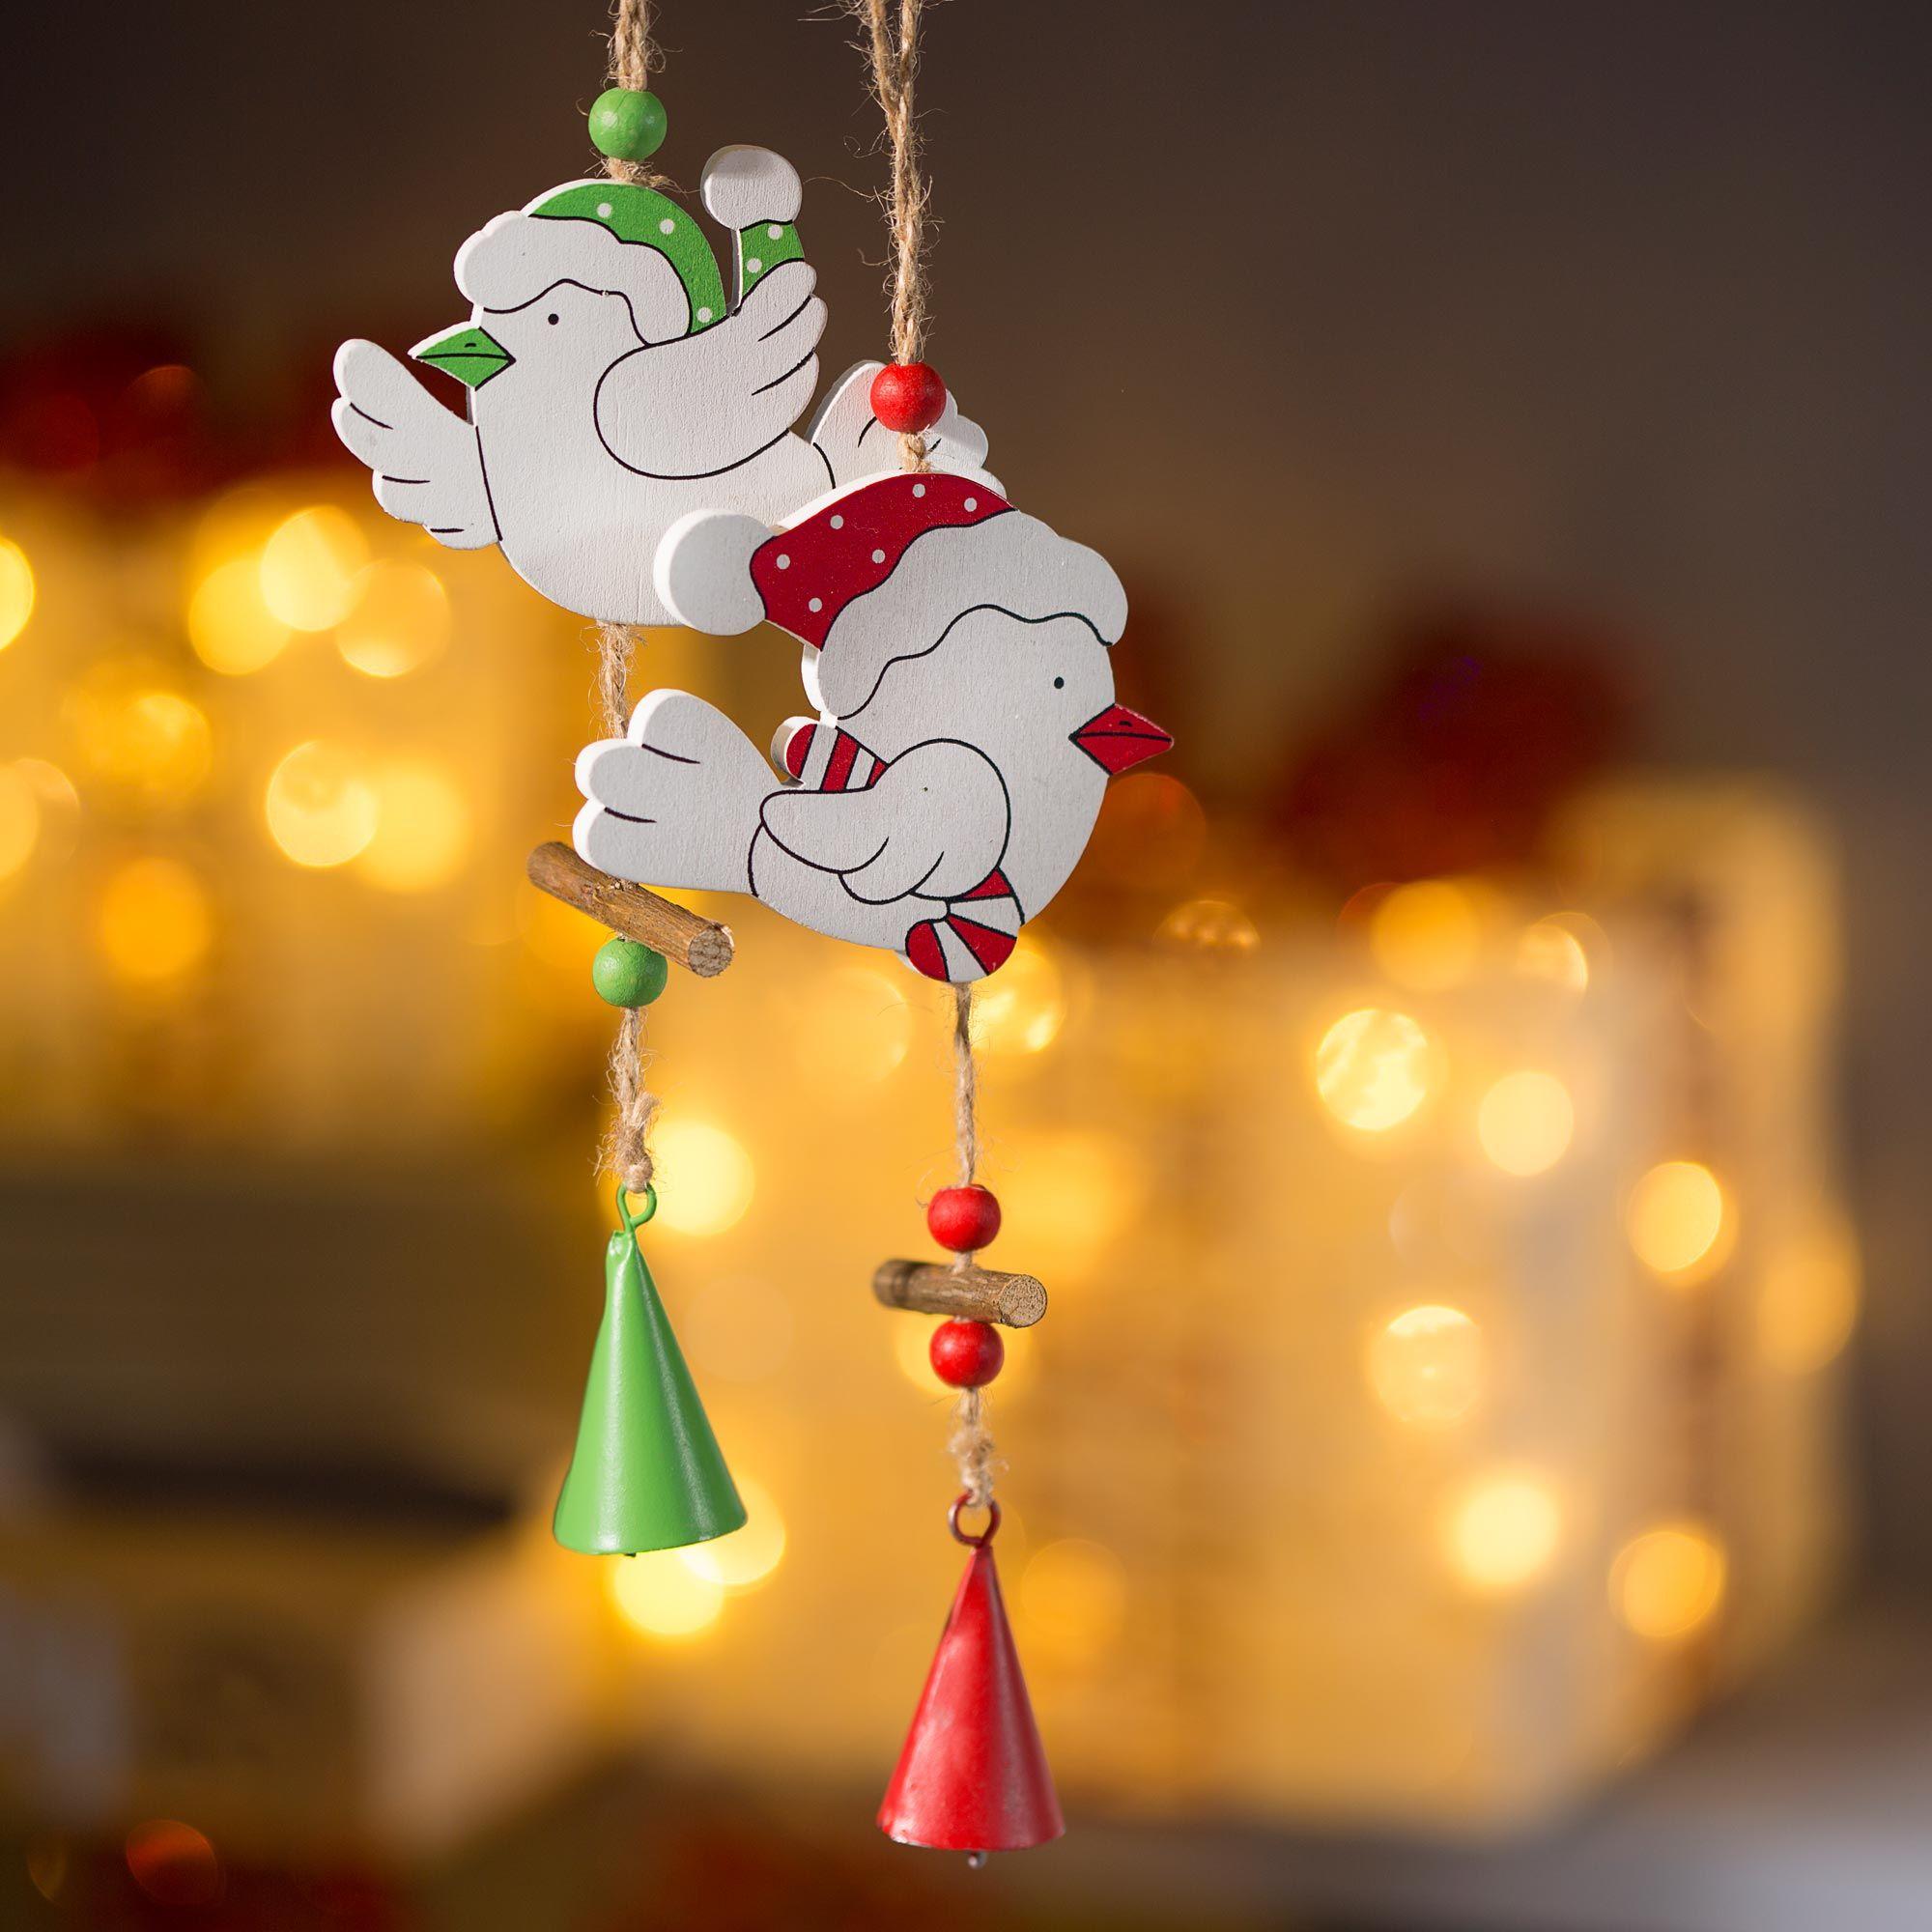 Decoración navideña divertida y llena de color